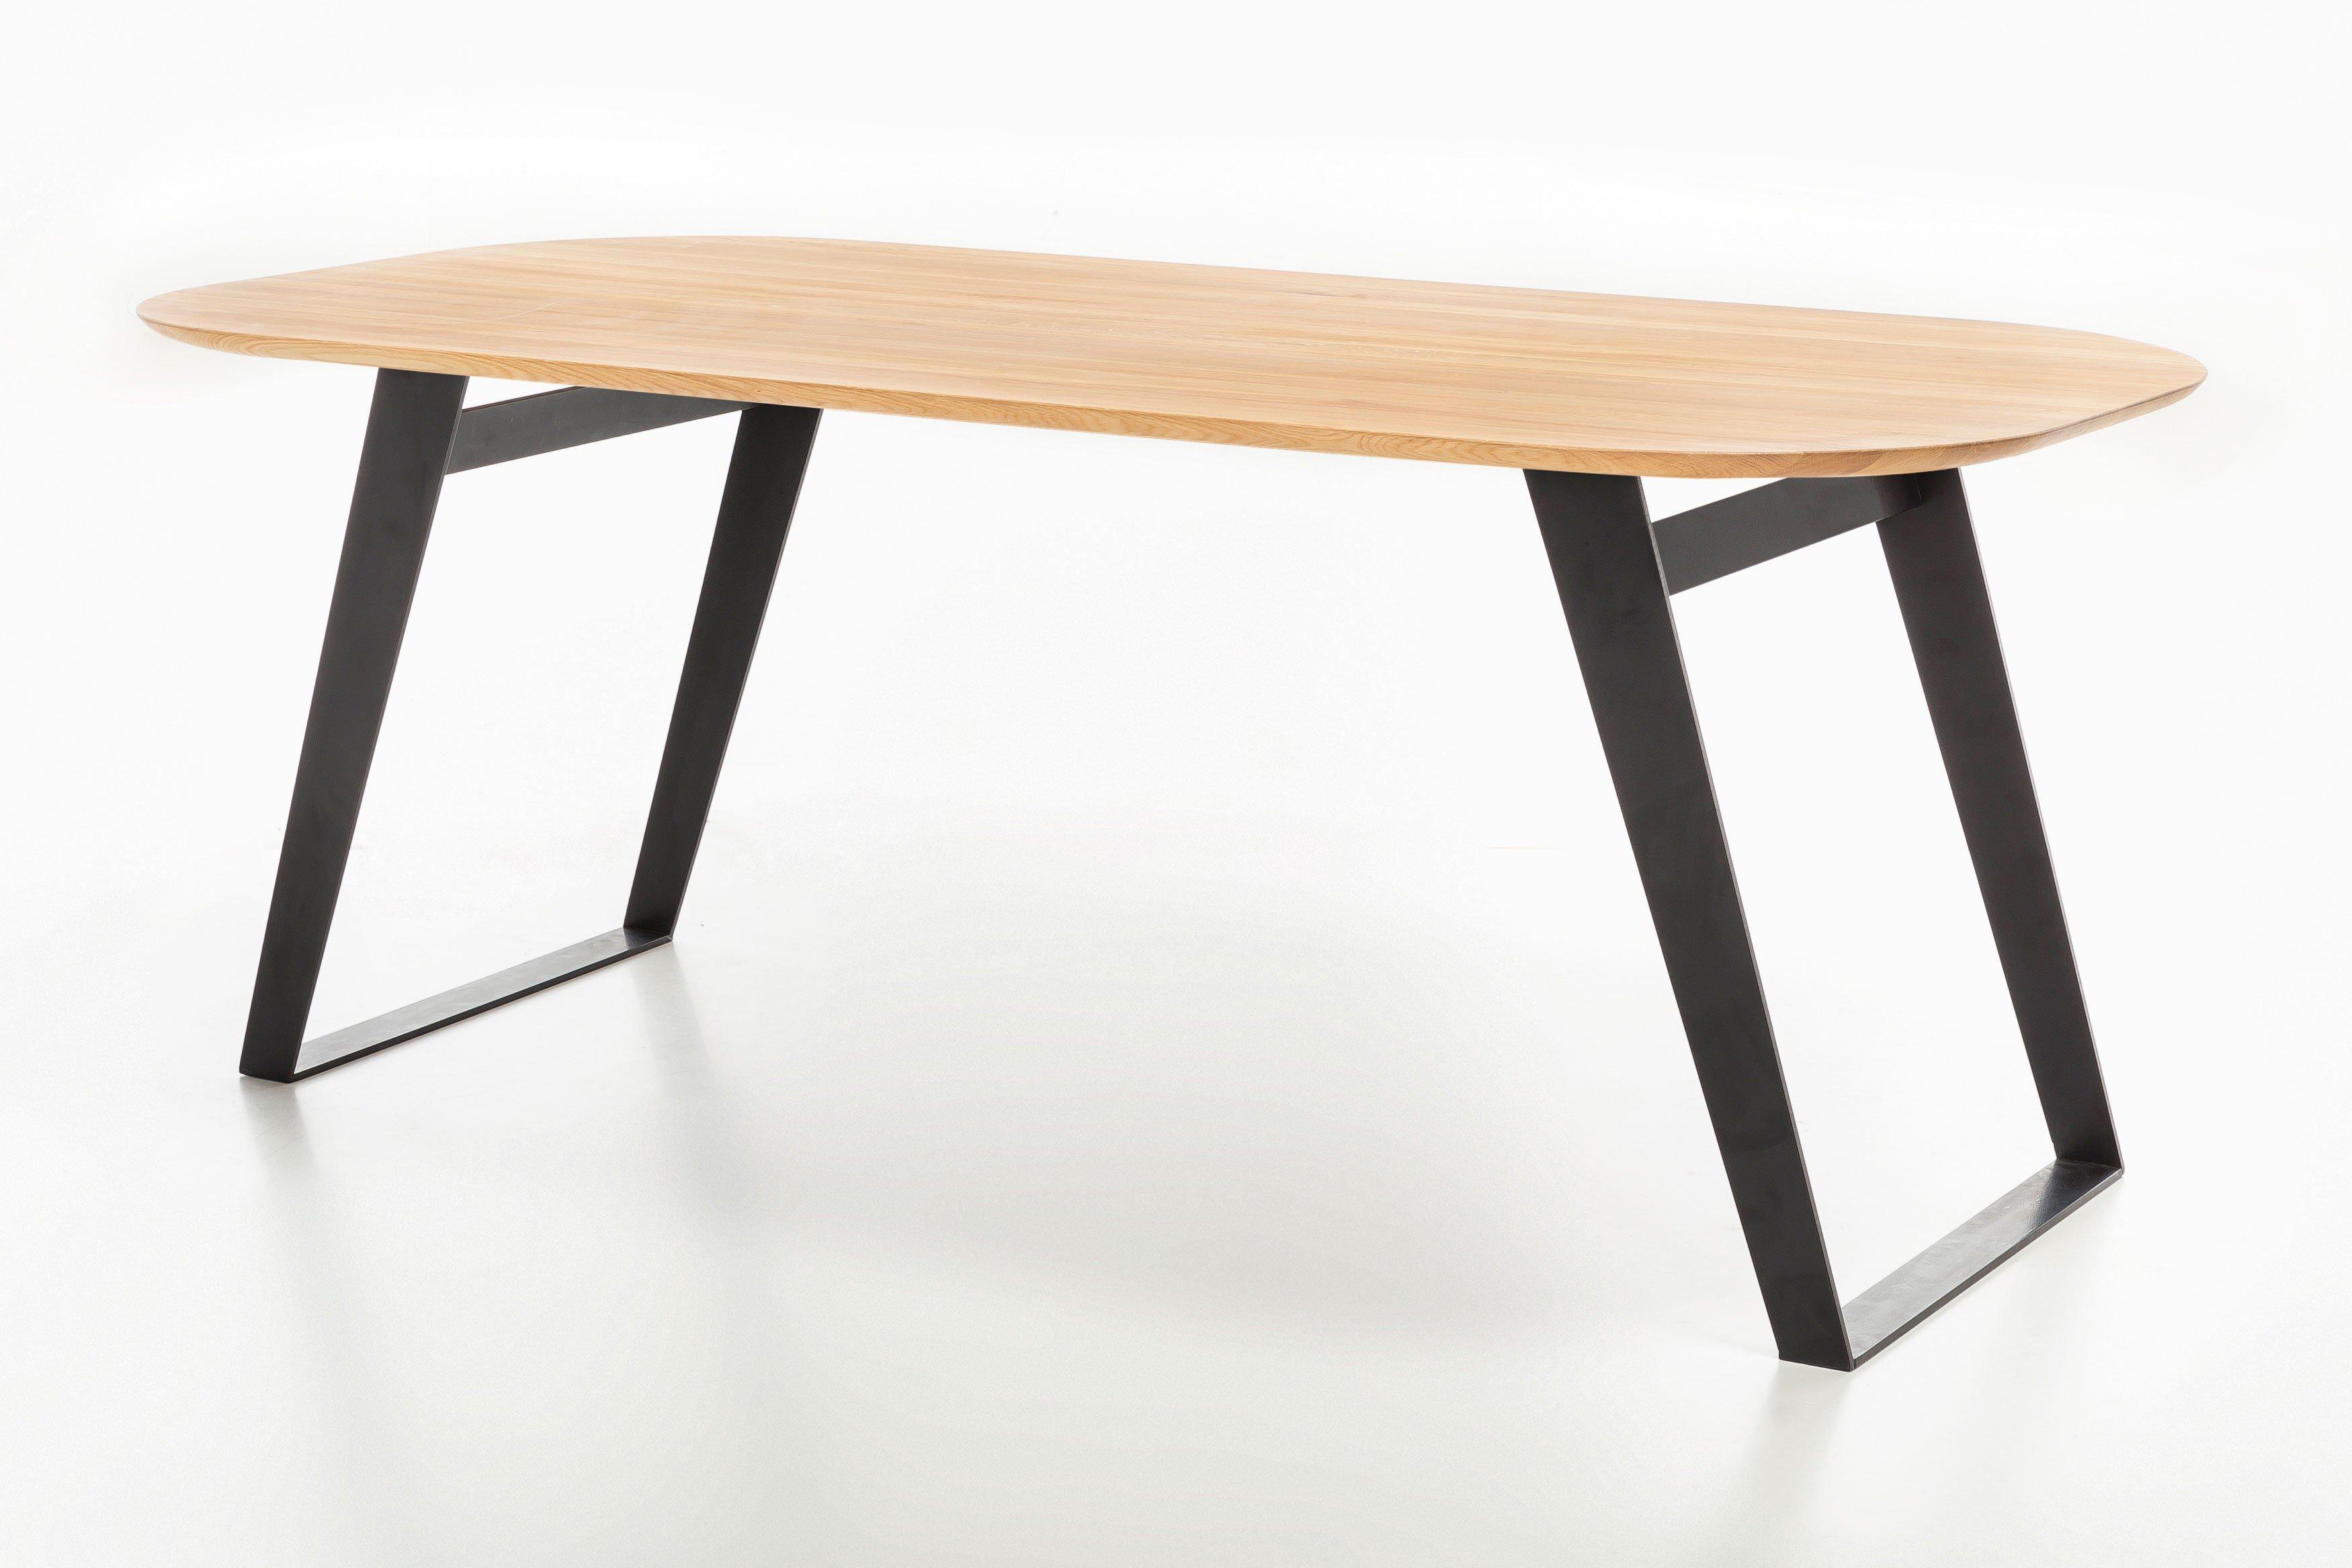 ovaler esstisch ottawa von standard furniture in eiche m bel letz ihr online shop. Black Bedroom Furniture Sets. Home Design Ideas